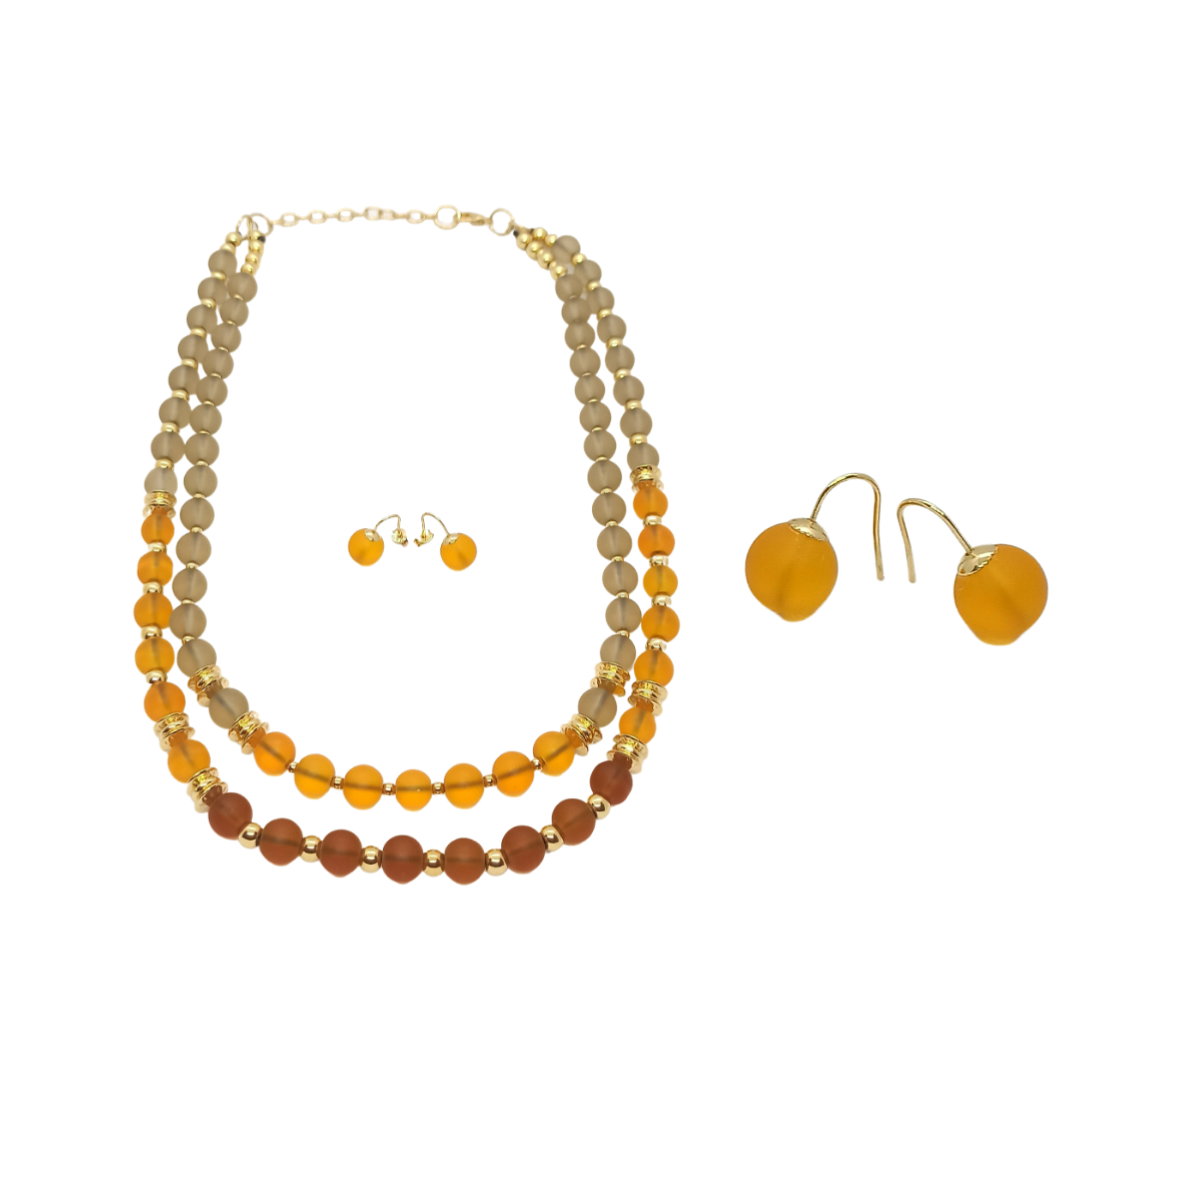 Conjunto Colar e Brinco em Murano com Detalhes Dourados.